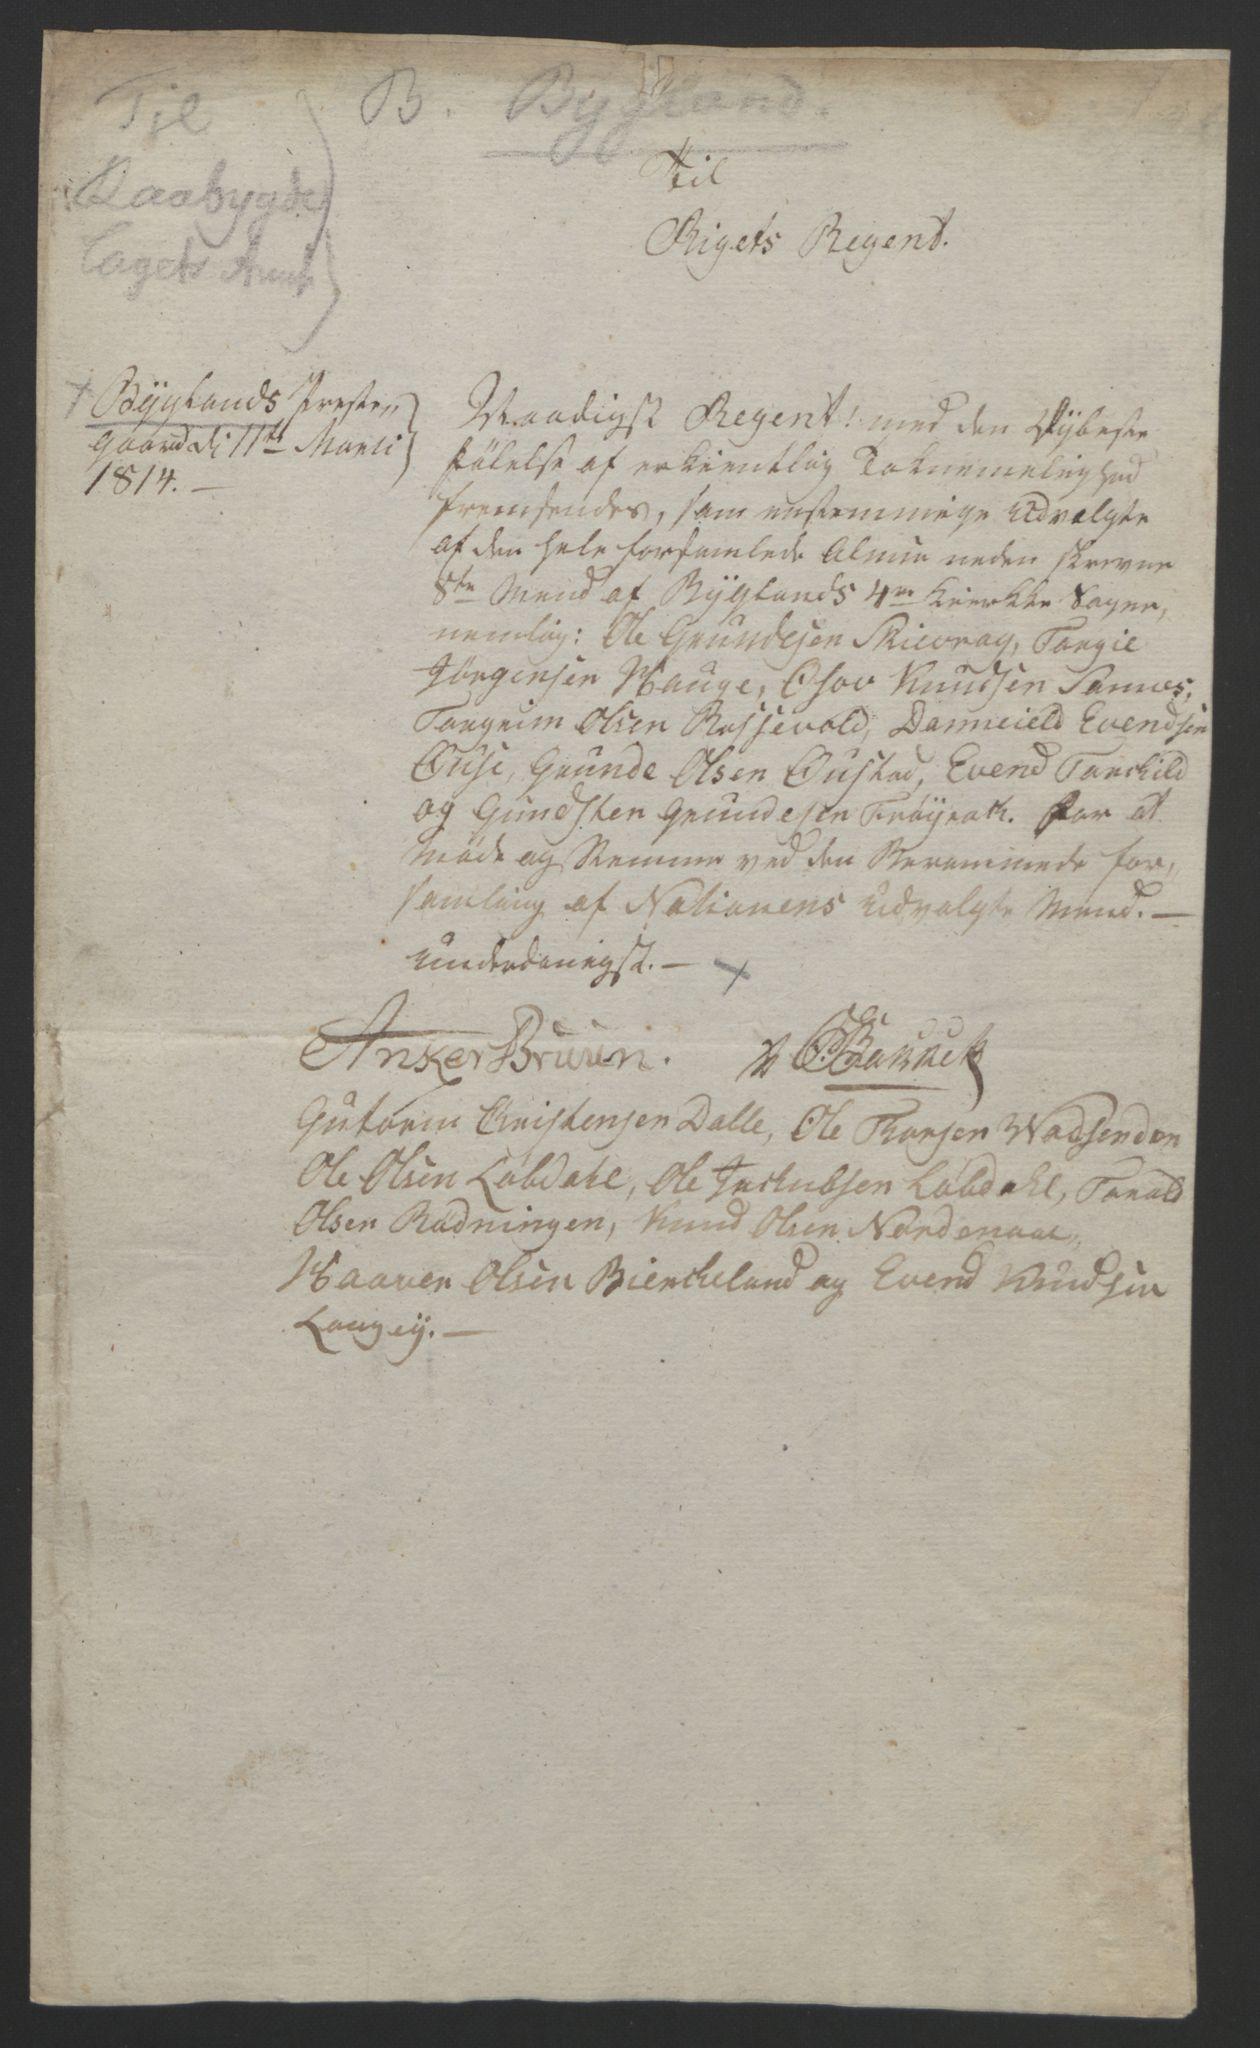 RA, Statsrådssekretariatet, D/Db/L0008: Fullmakter for Eidsvollsrepresentantene i 1814. , 1814, s. 110